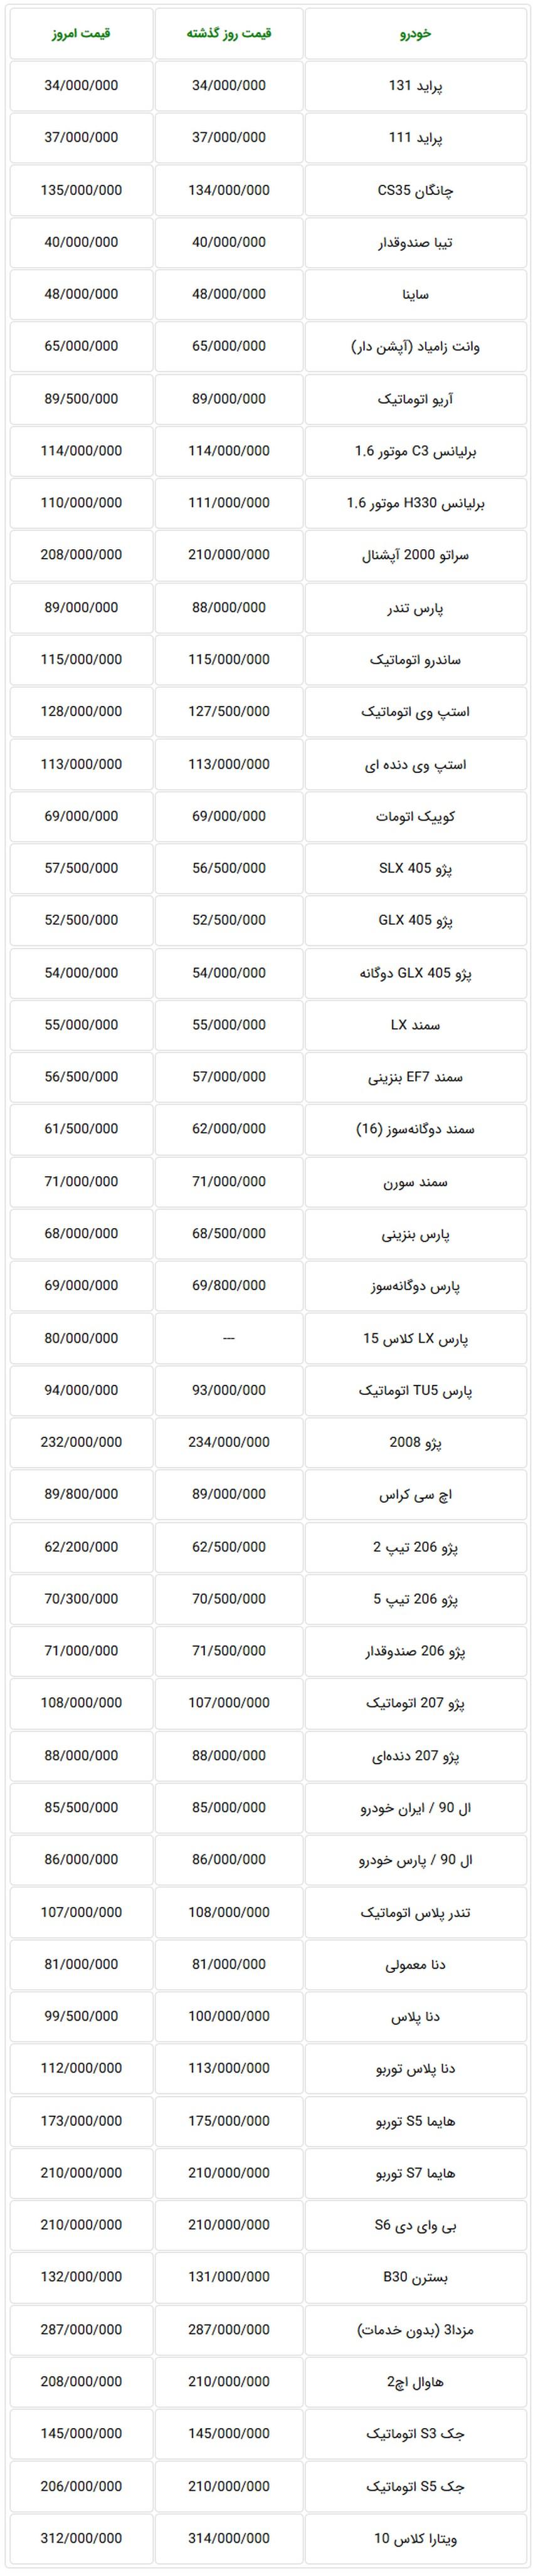 ثبات در قیمت خودروهای تولید داخل در بازار تهران – 1 مهر